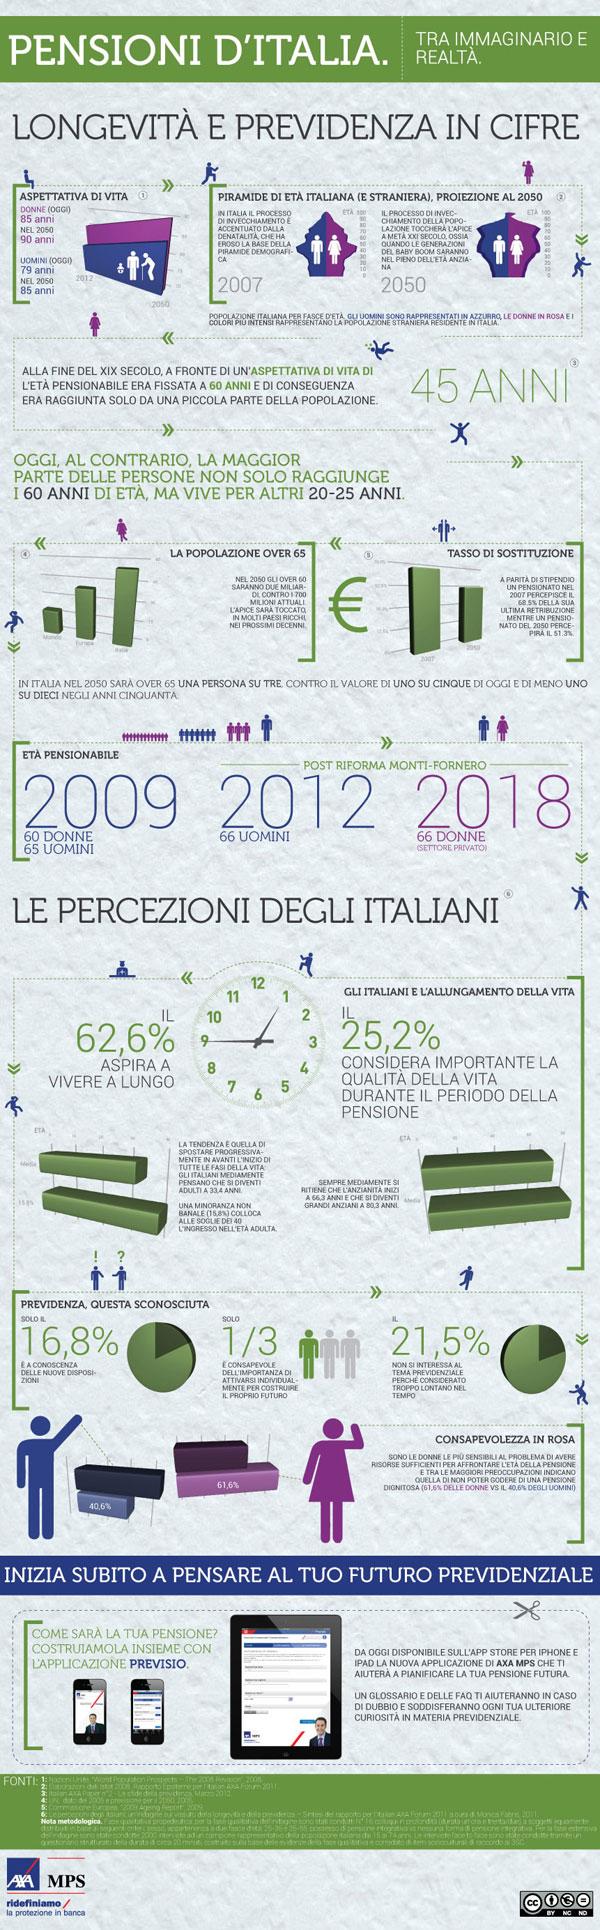 Pensioni-Italia-AXA Previsio - infografica